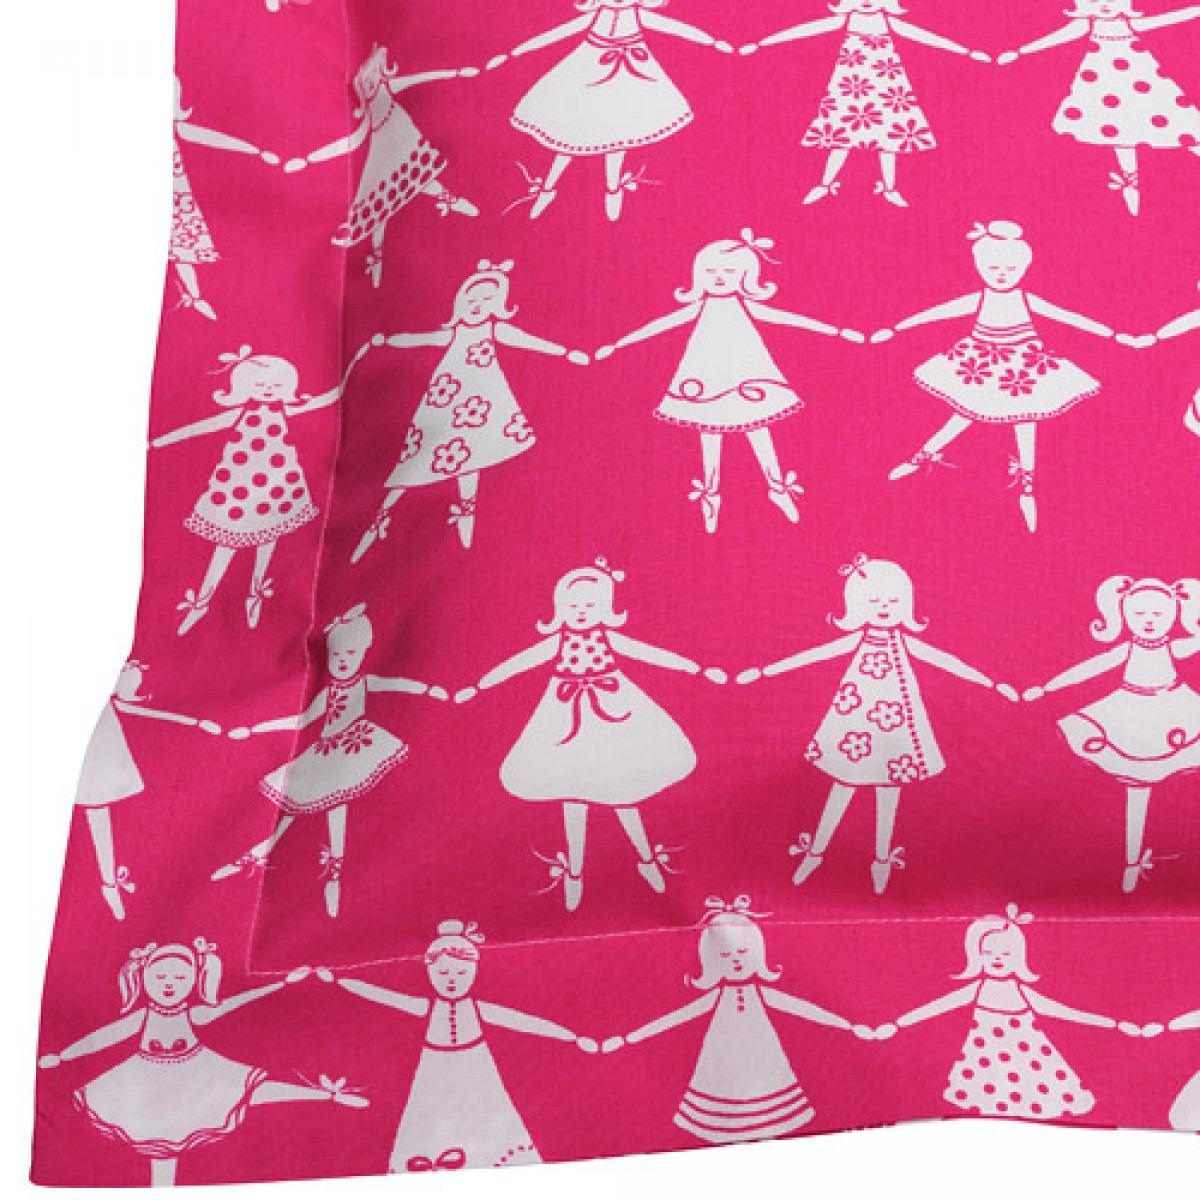 Pink Dancers Printed Children's Bedlinen